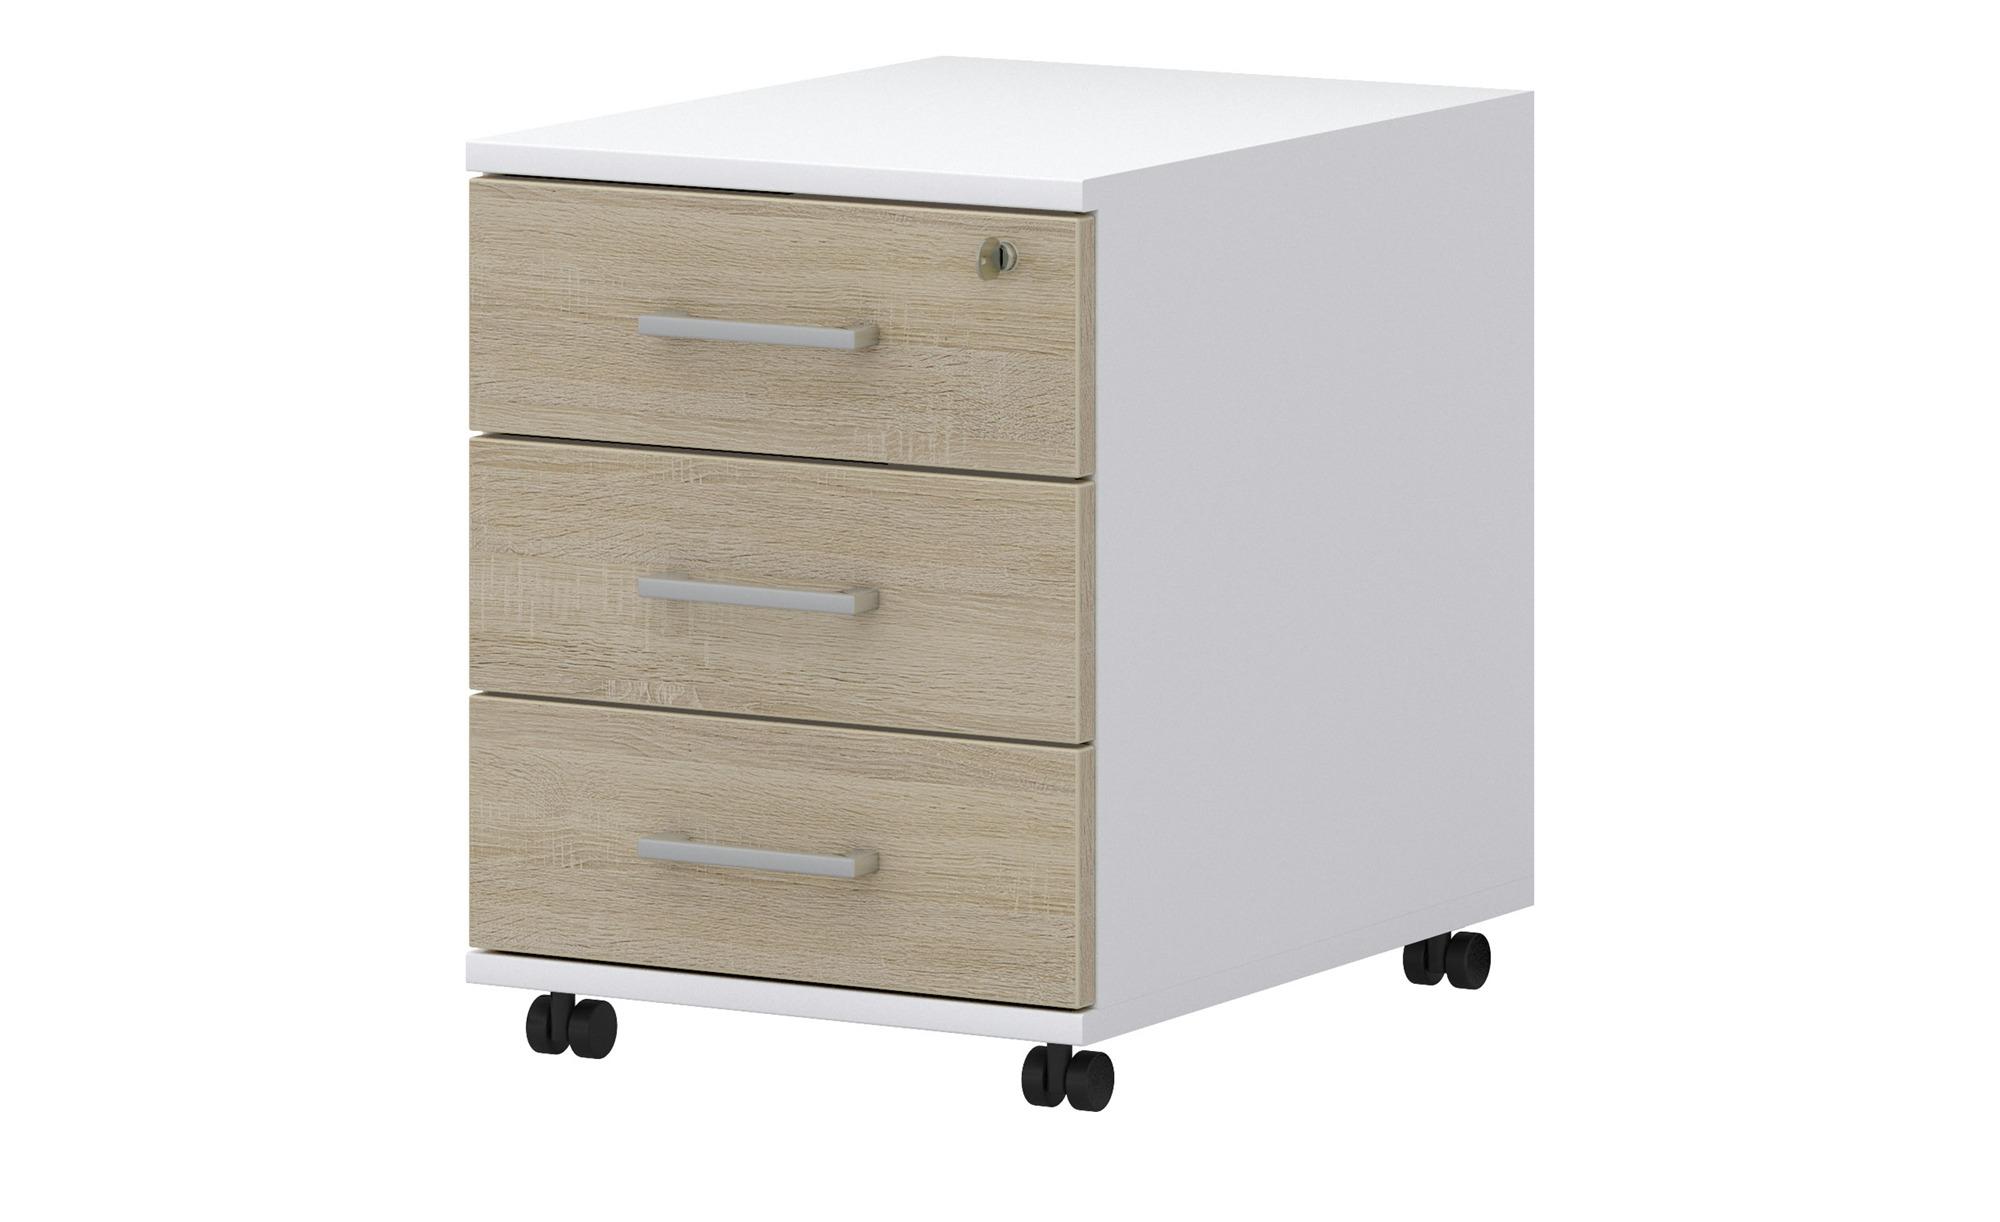 Rollcontainer  Donez ¦ weiß ¦ Maße (cm): B: 42,5 H: 55 T: 50 Schränke > Rollcontainer - Höffner